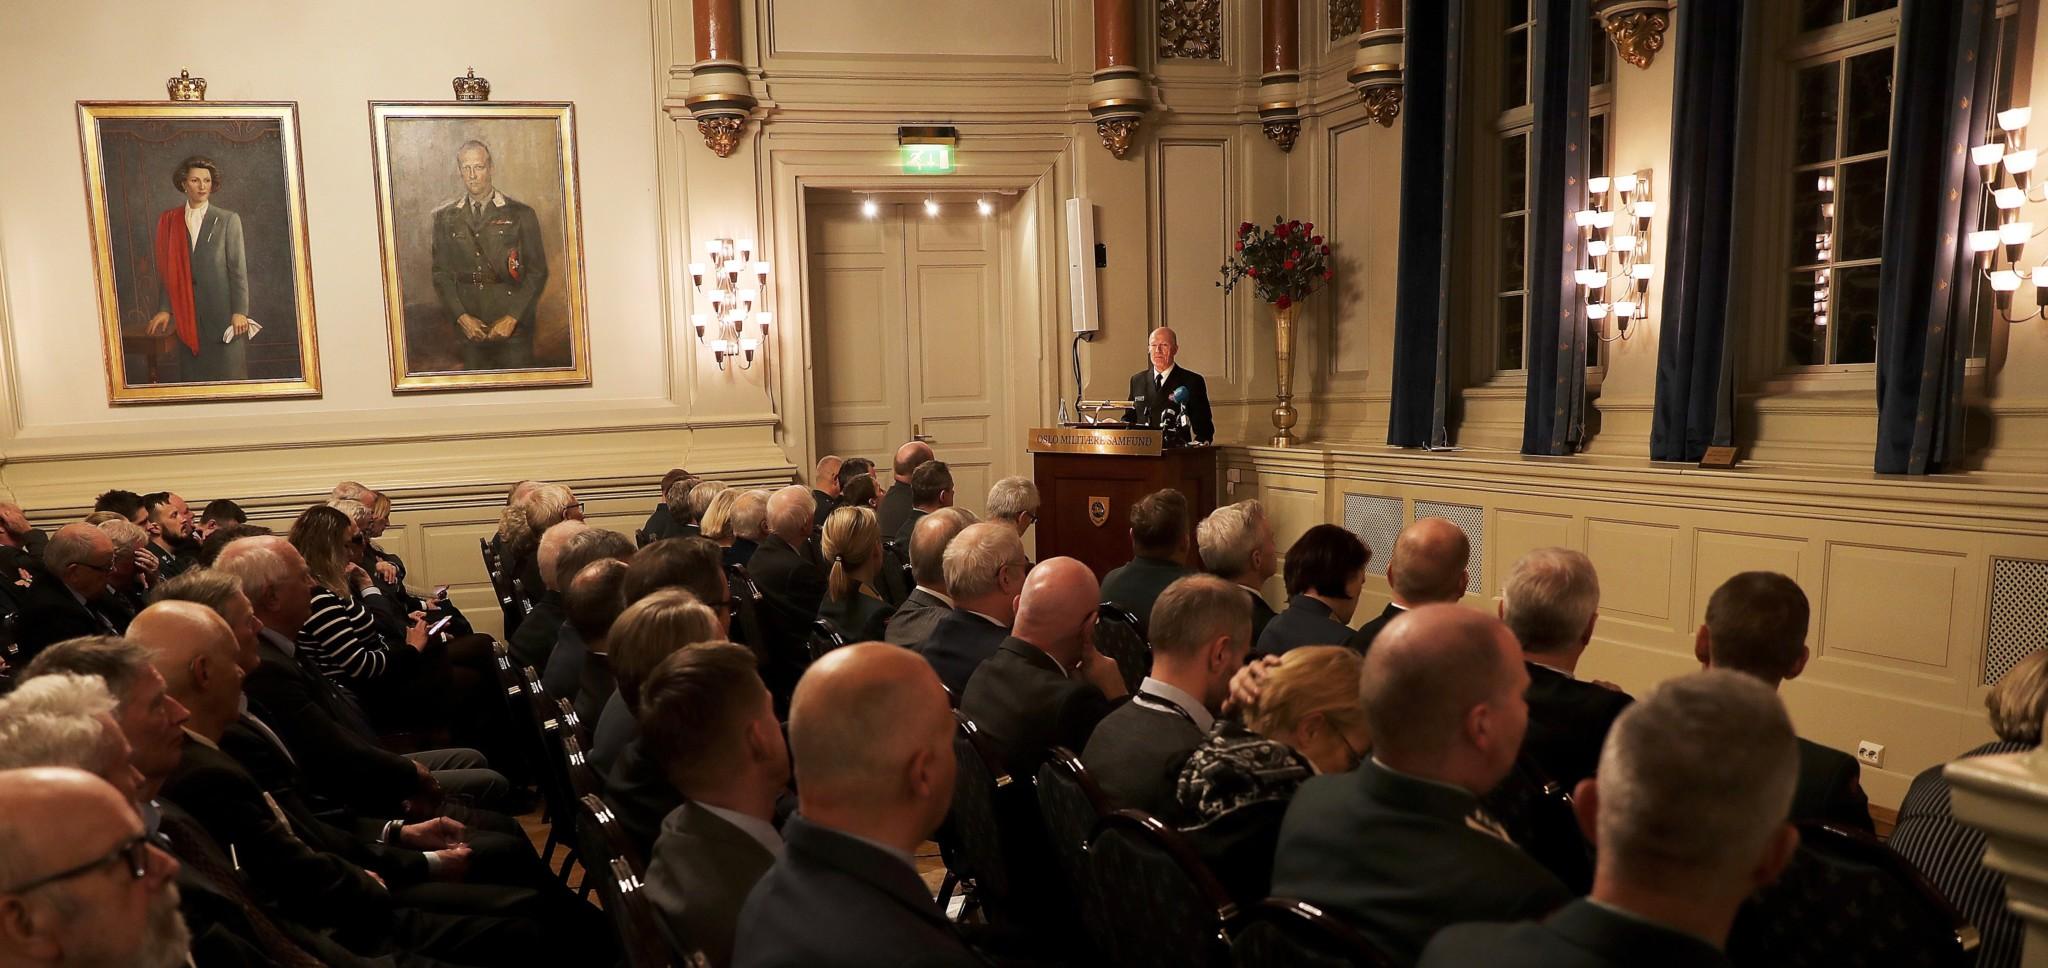 — Norges forsvarsevne er for dårlig